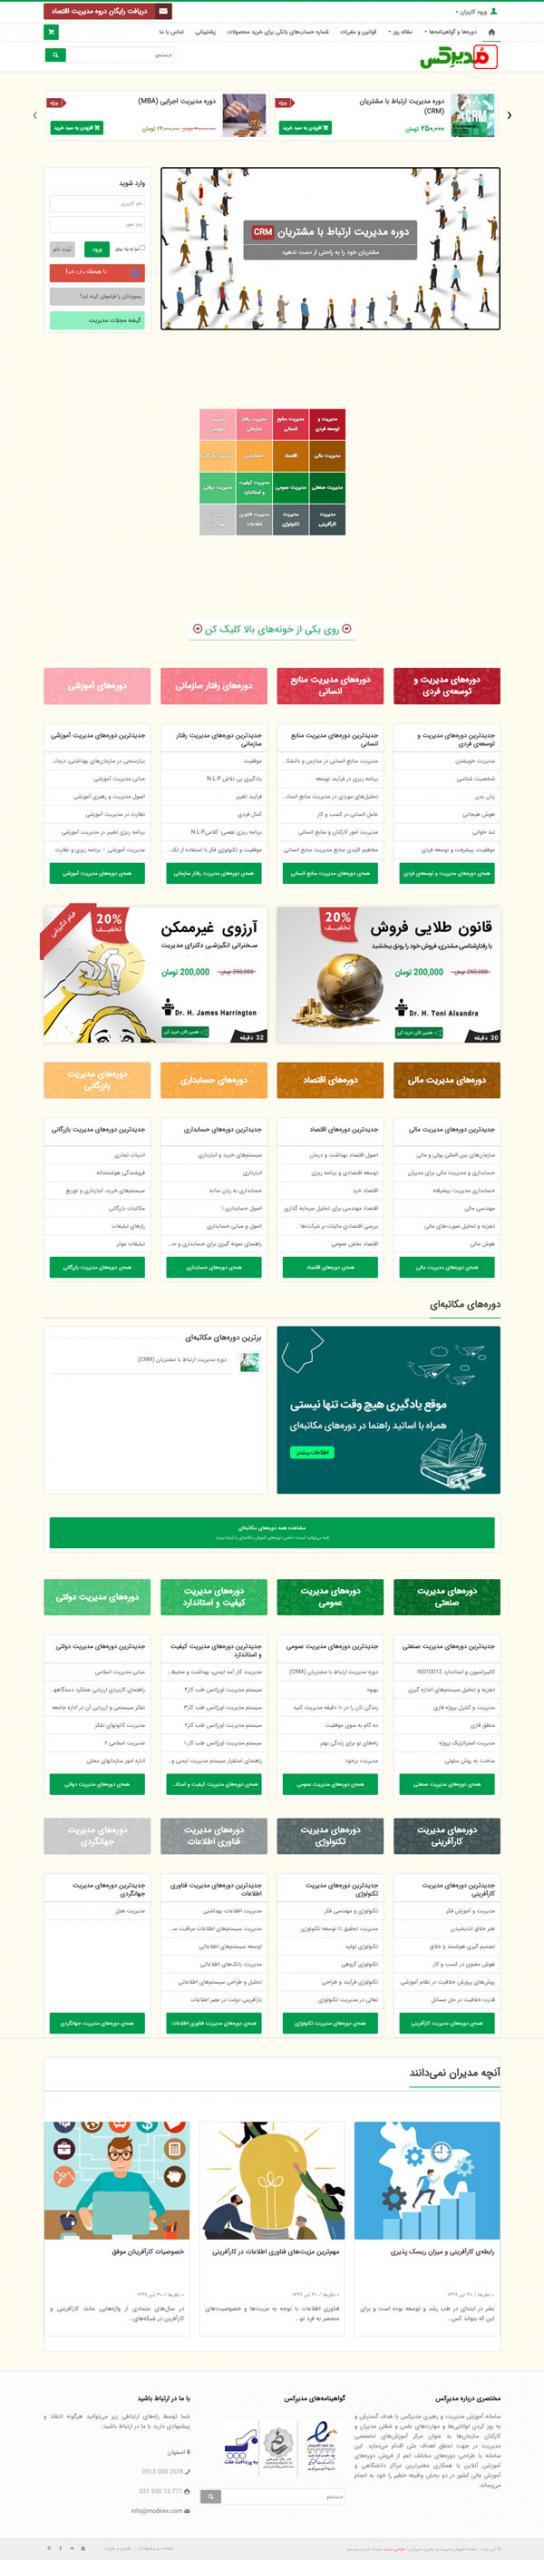 طراحی سایت مدیرِکس | دورههای آموزشی مدیریت